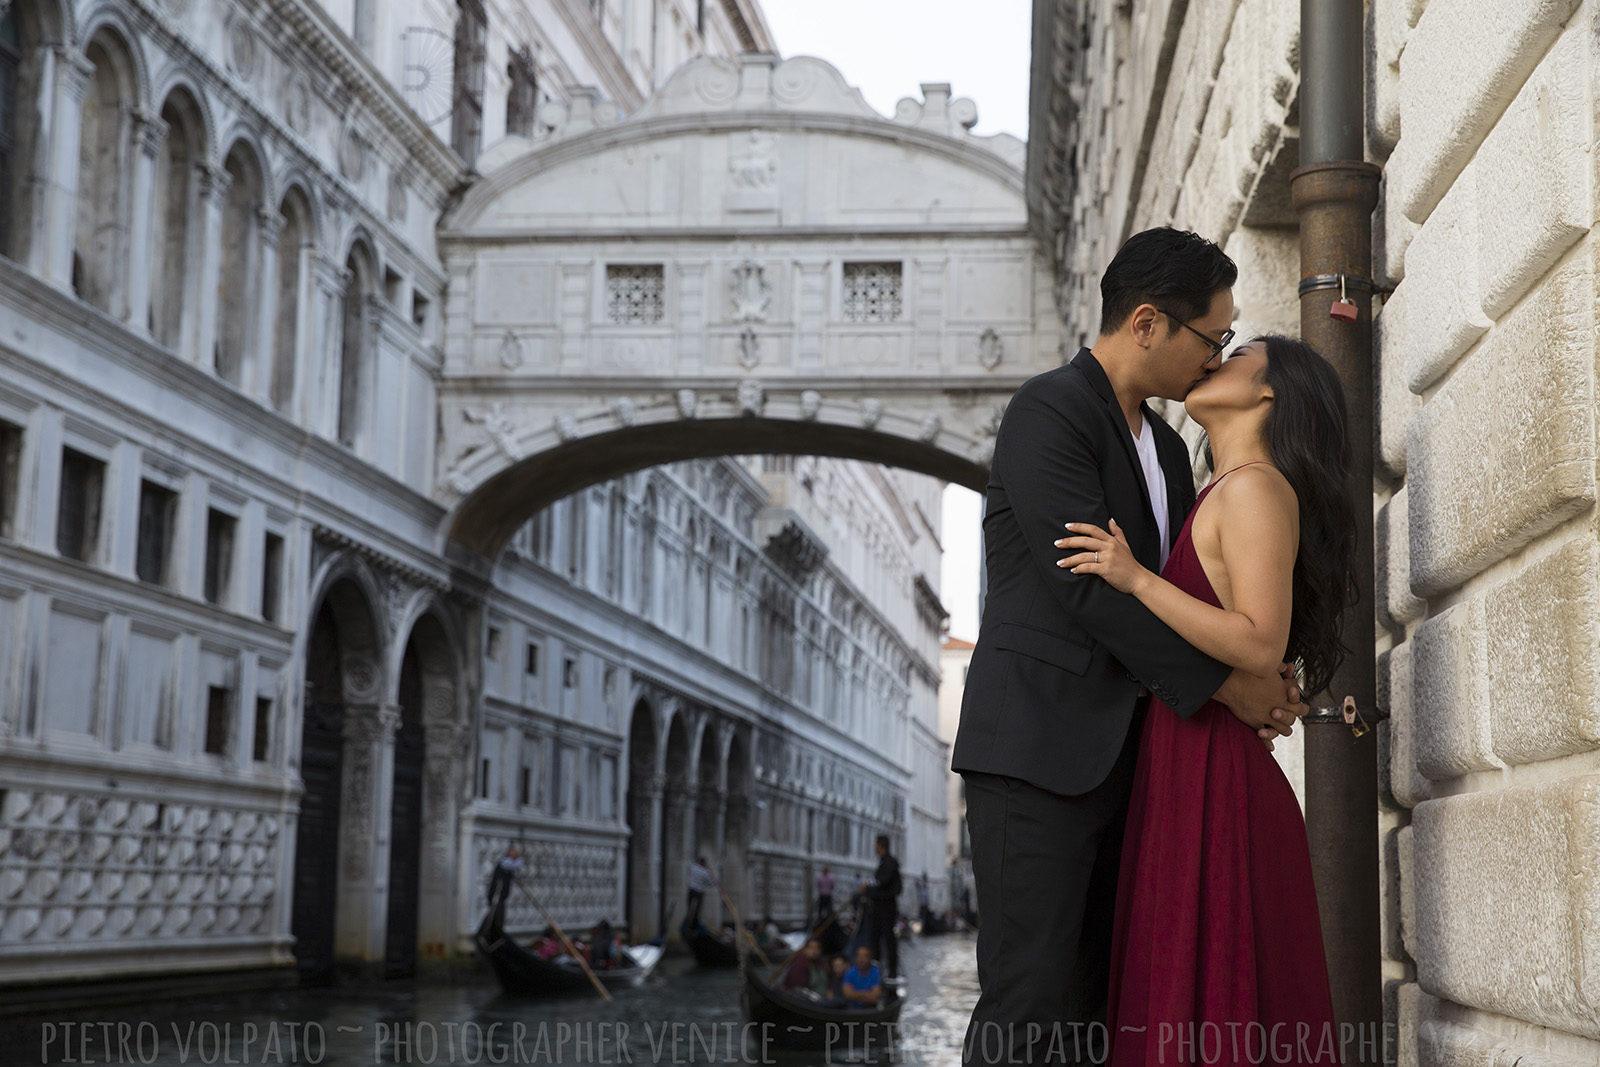 Fotografo Venezia servizio foto romantico divertente